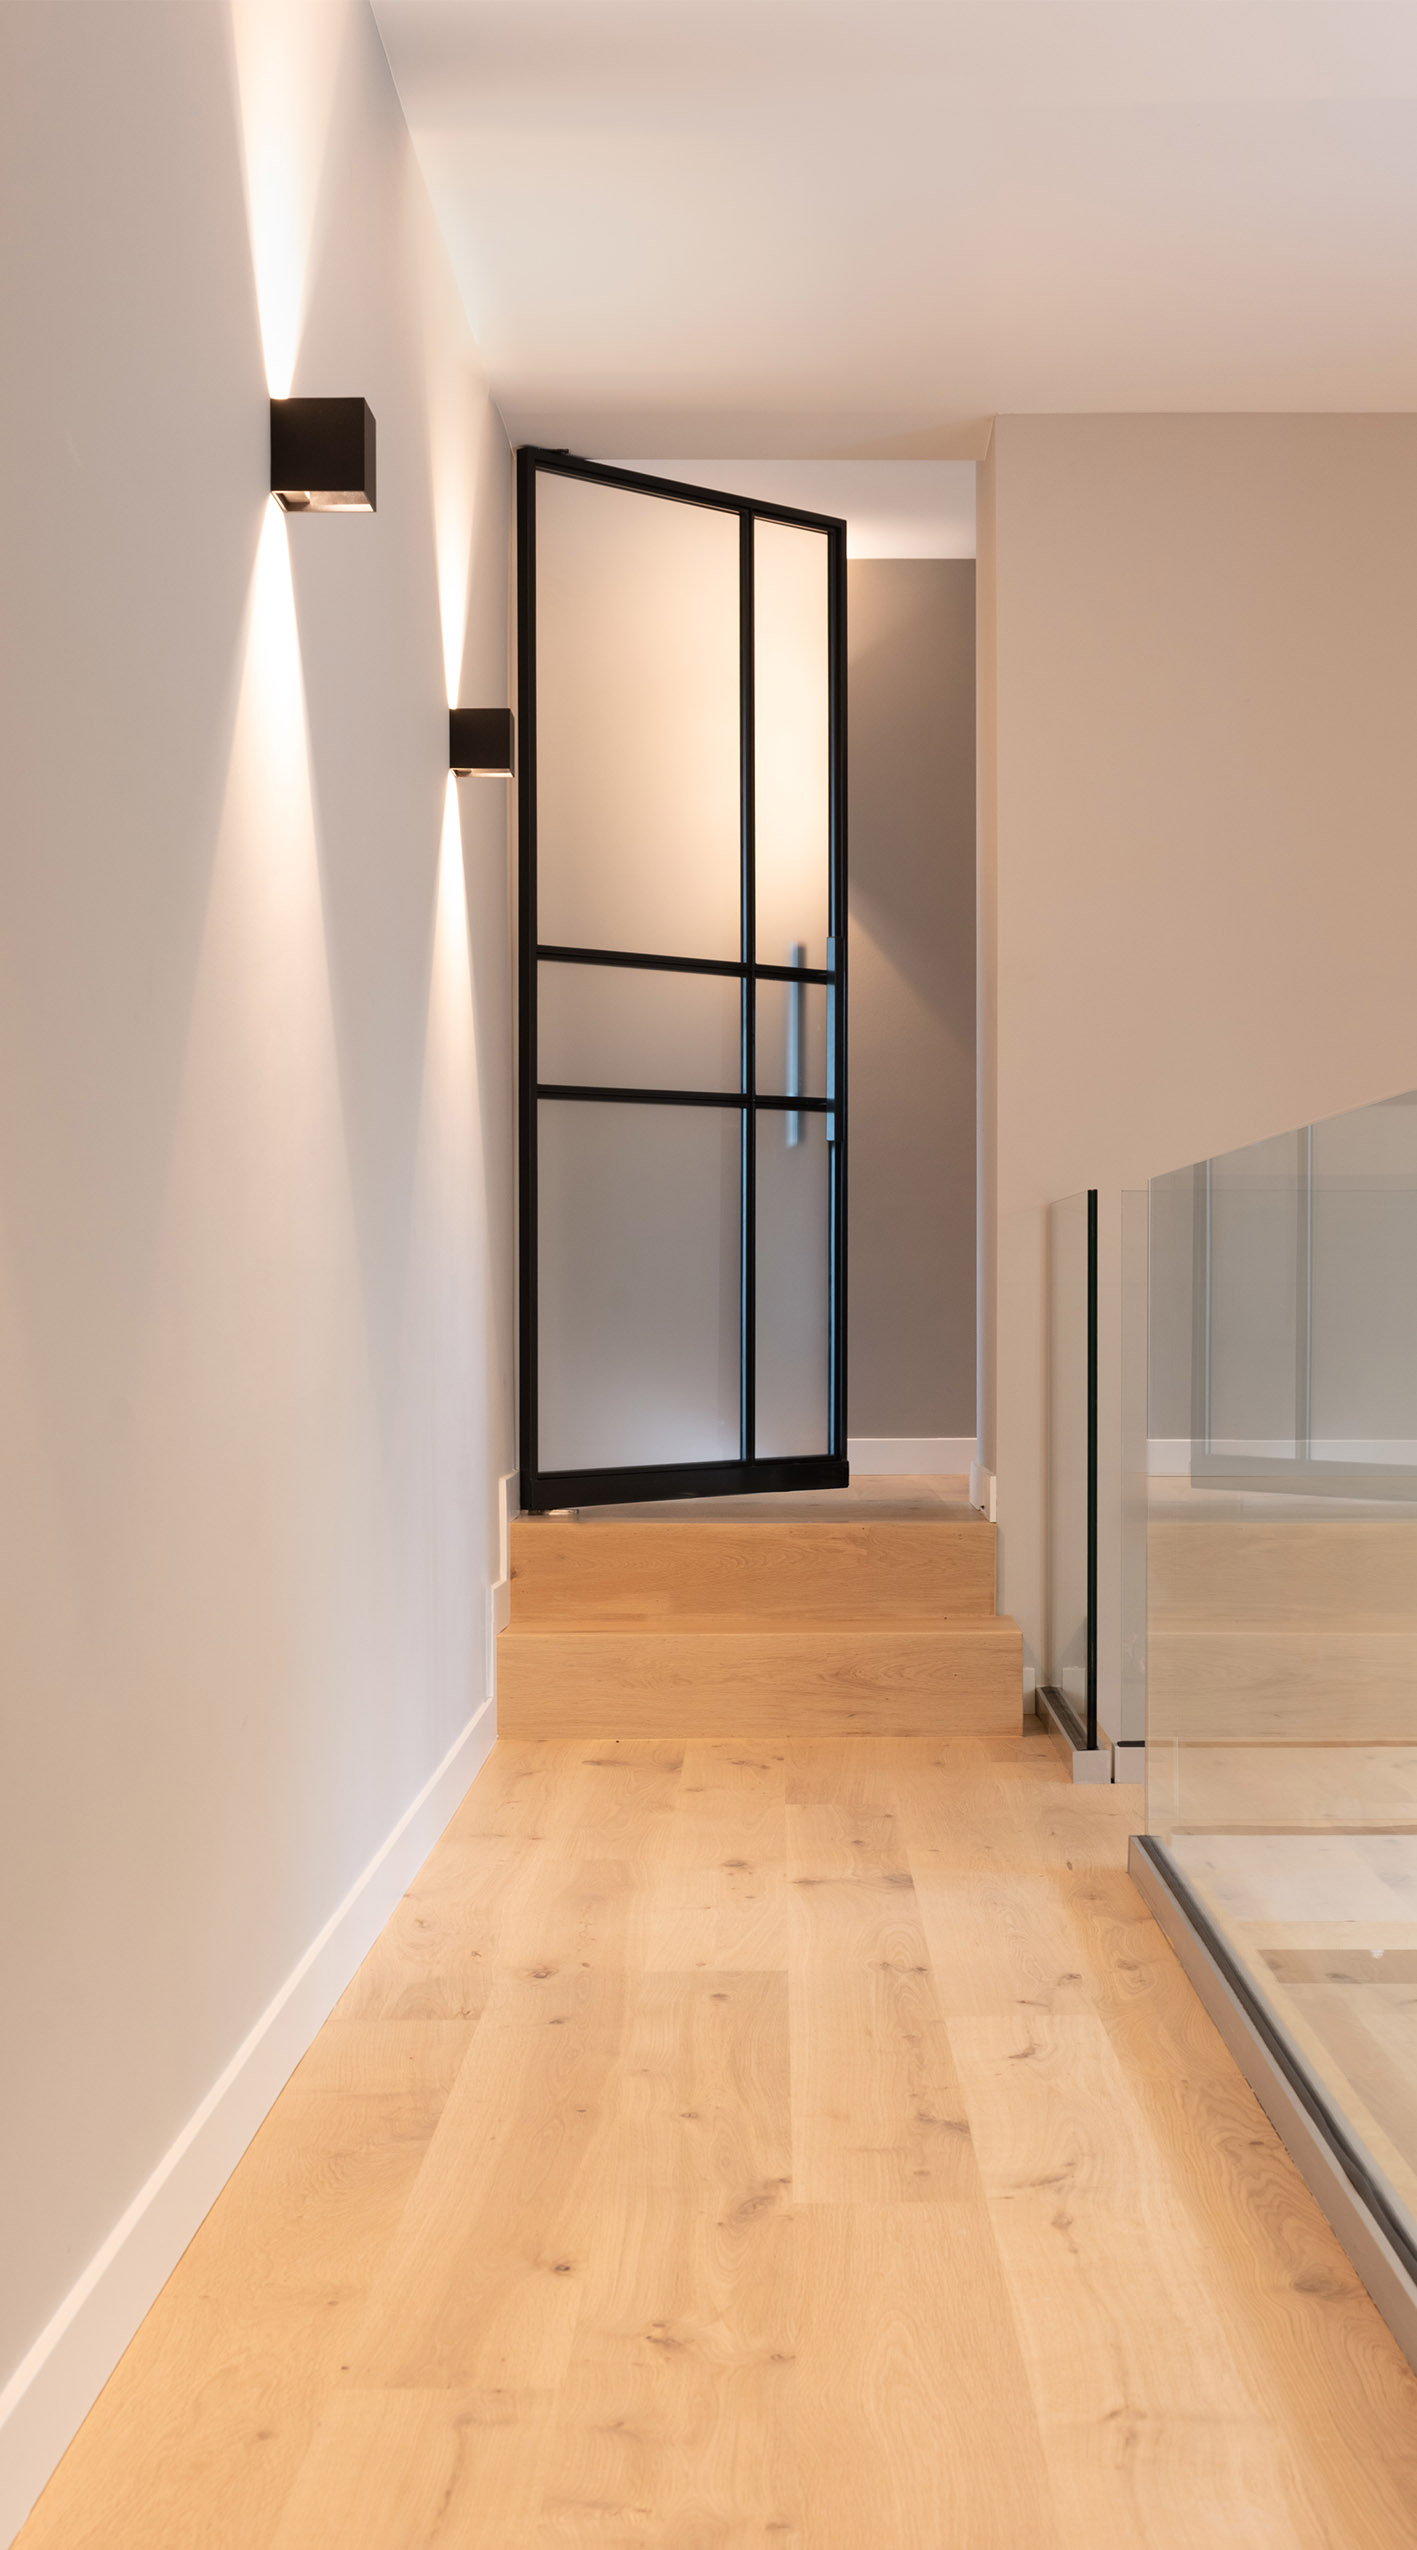 Wij geven ook interieurtips over het inrichten van een overloop